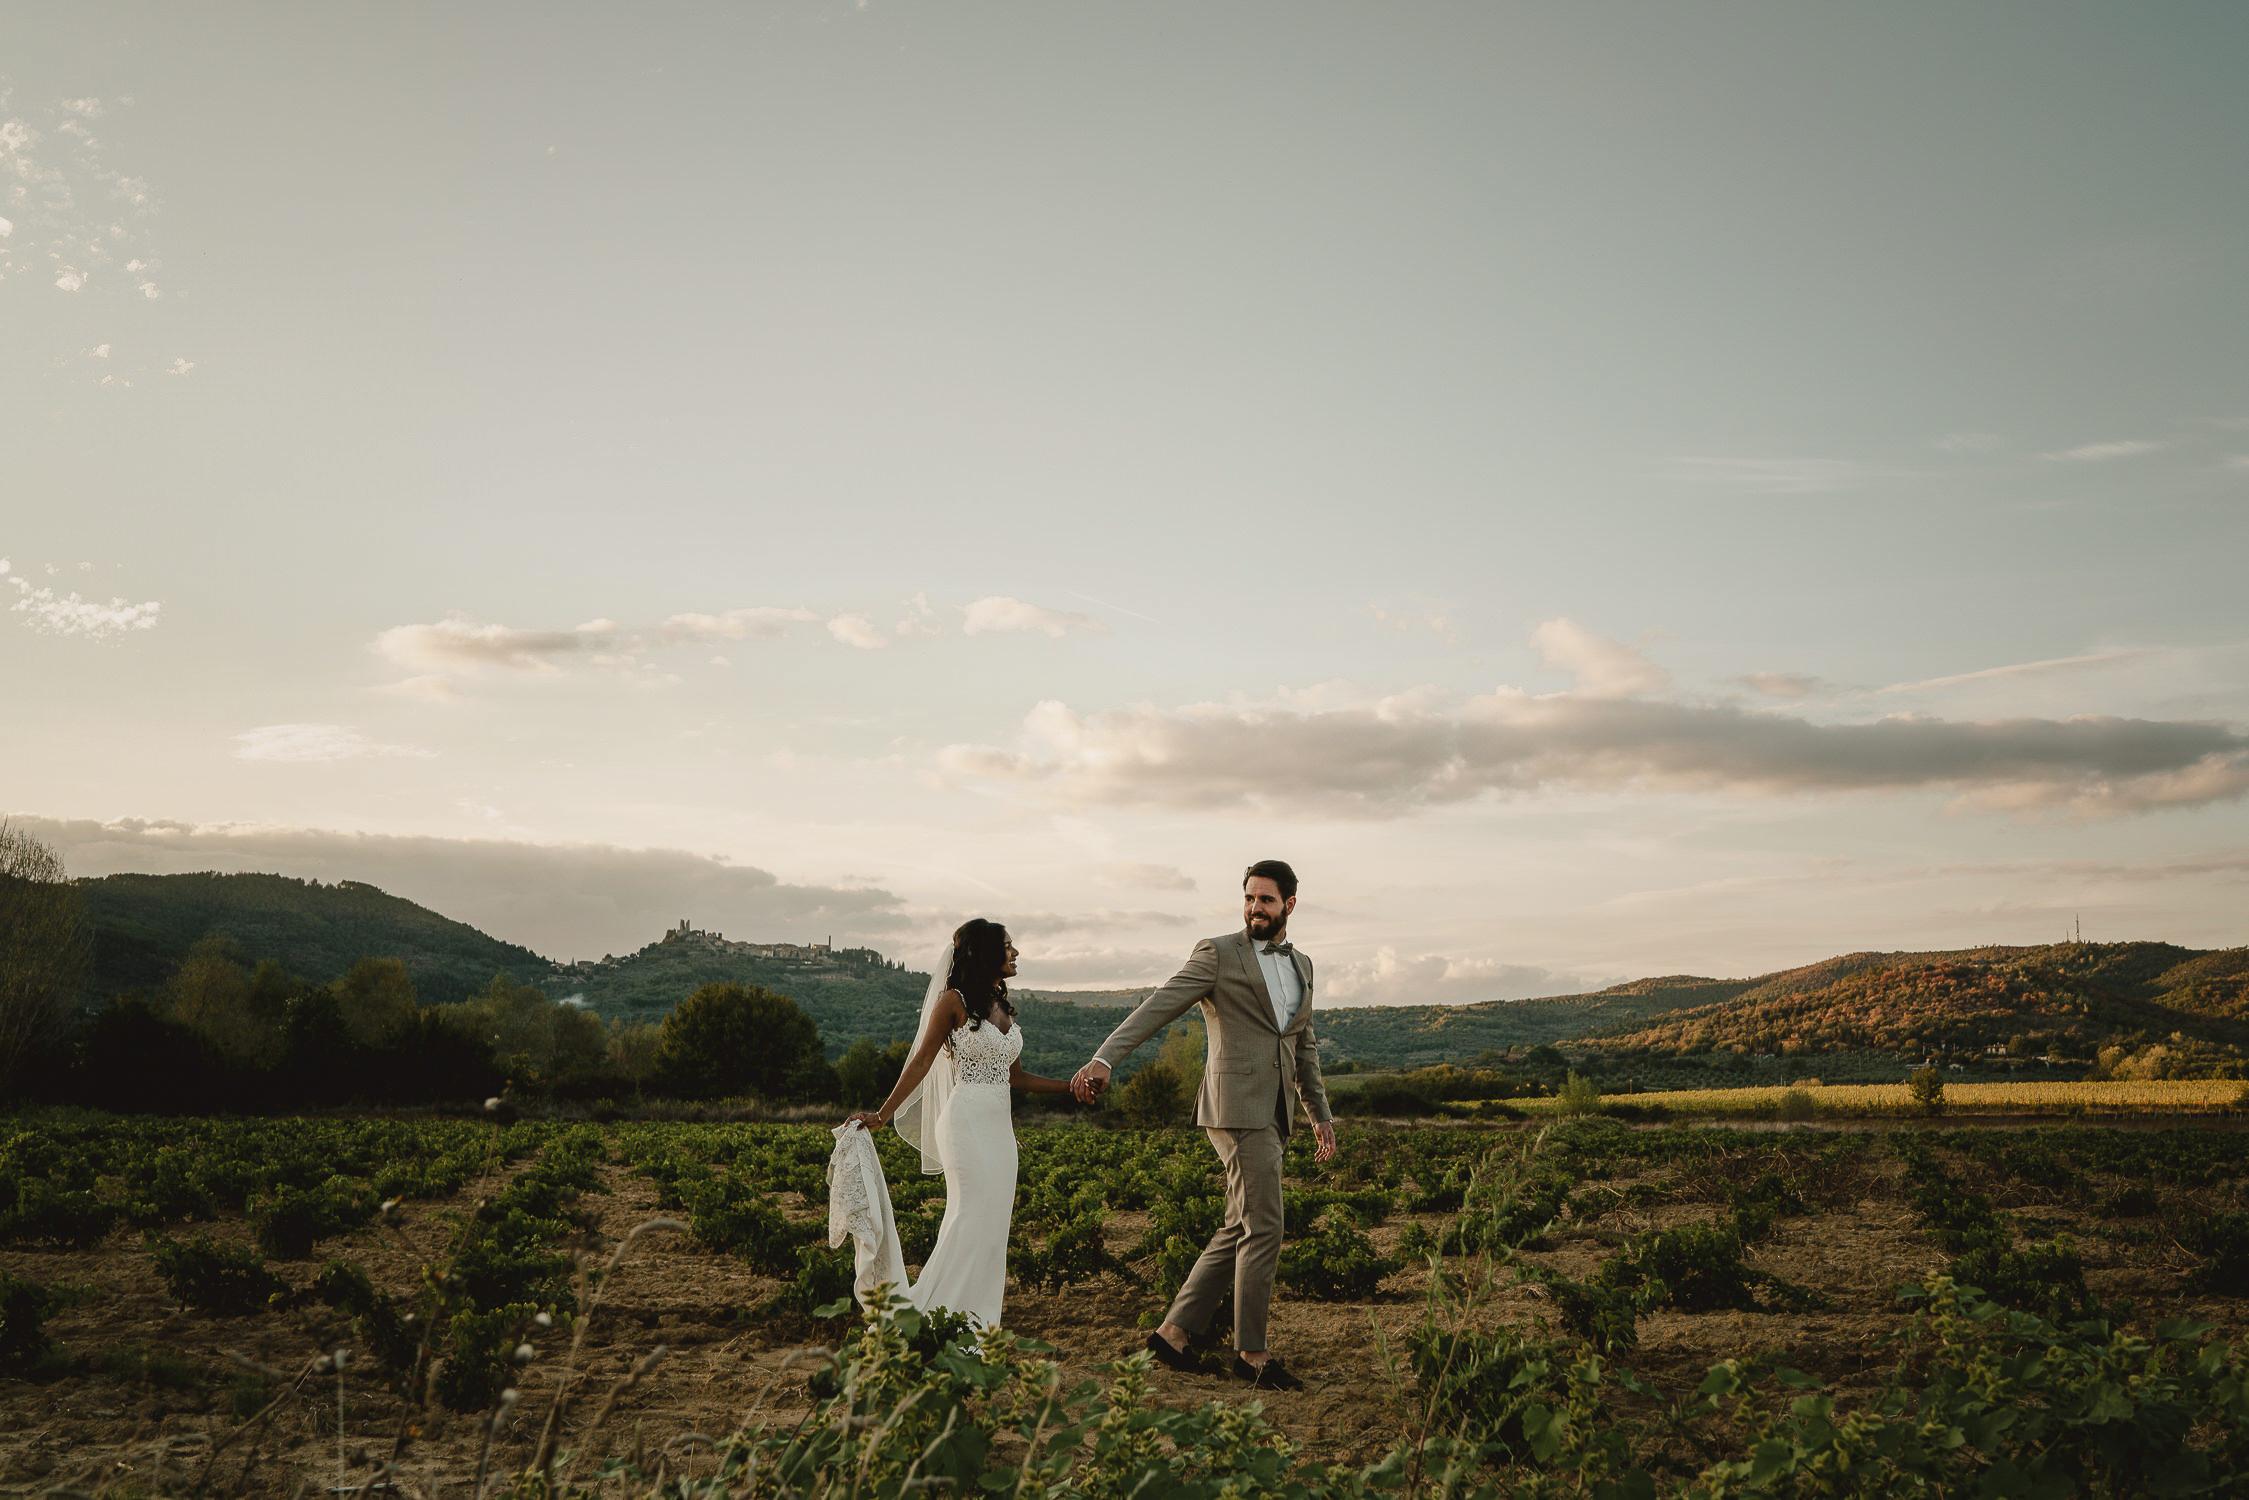 bruidsfotografie-trouwfotograaf-amsterdam-utrecht-mark-hadden-judith-igor-483-2.jpg